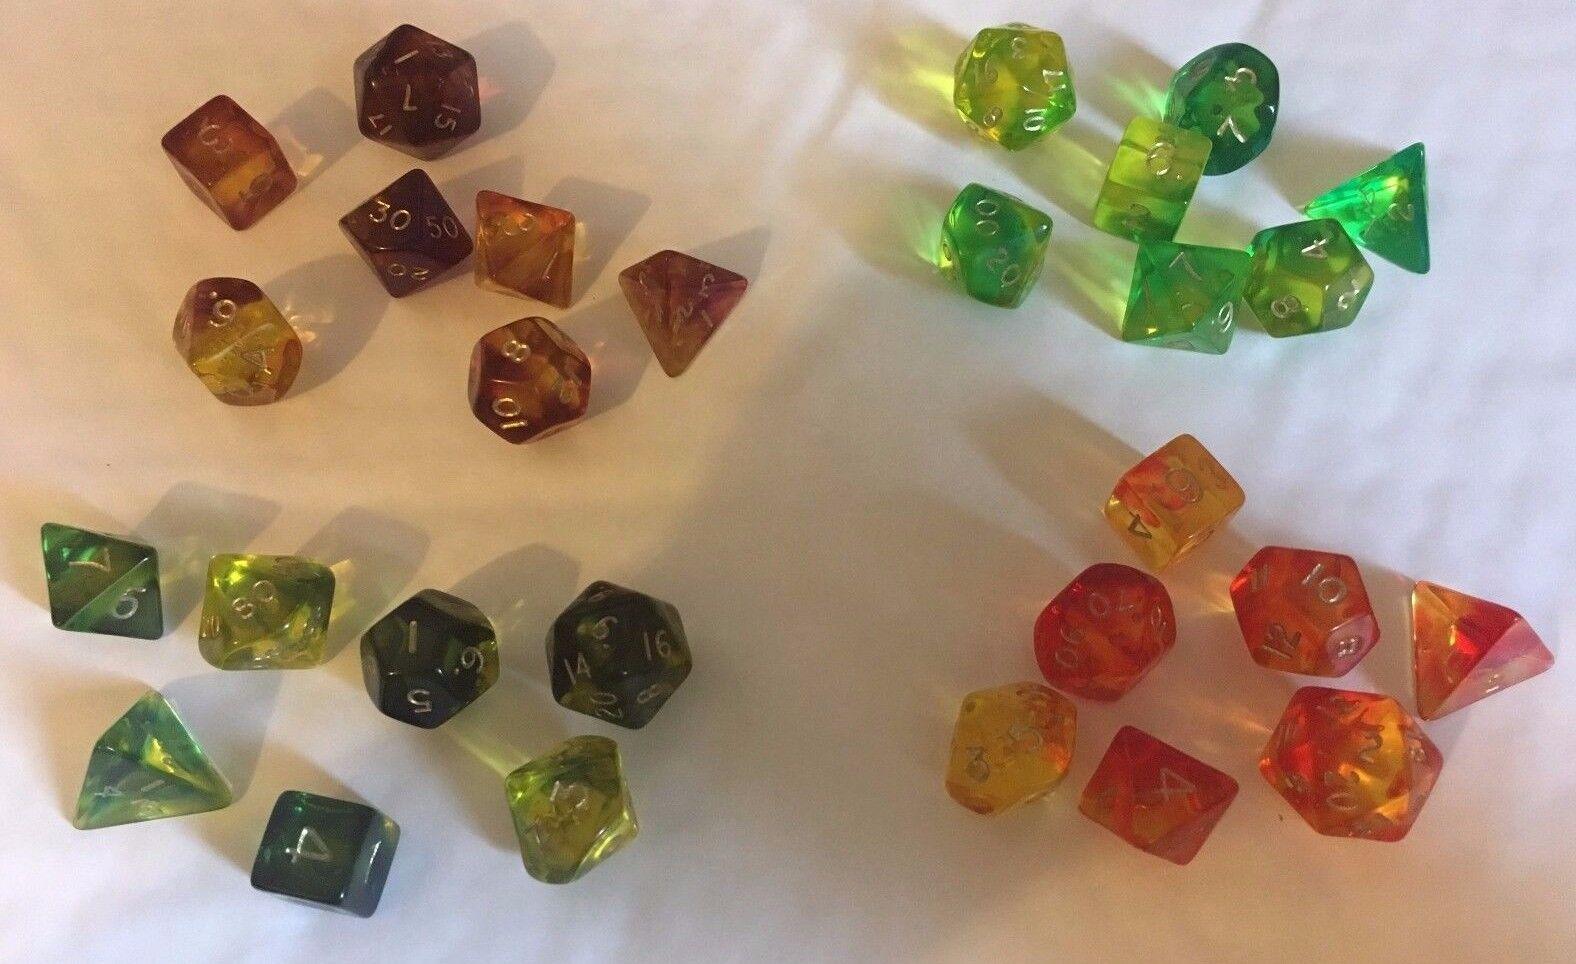 Gem Blitz Multi sided dice set of 7 D4 D6 D8 D10 D12 D20 Dungeons D&D RPG poly